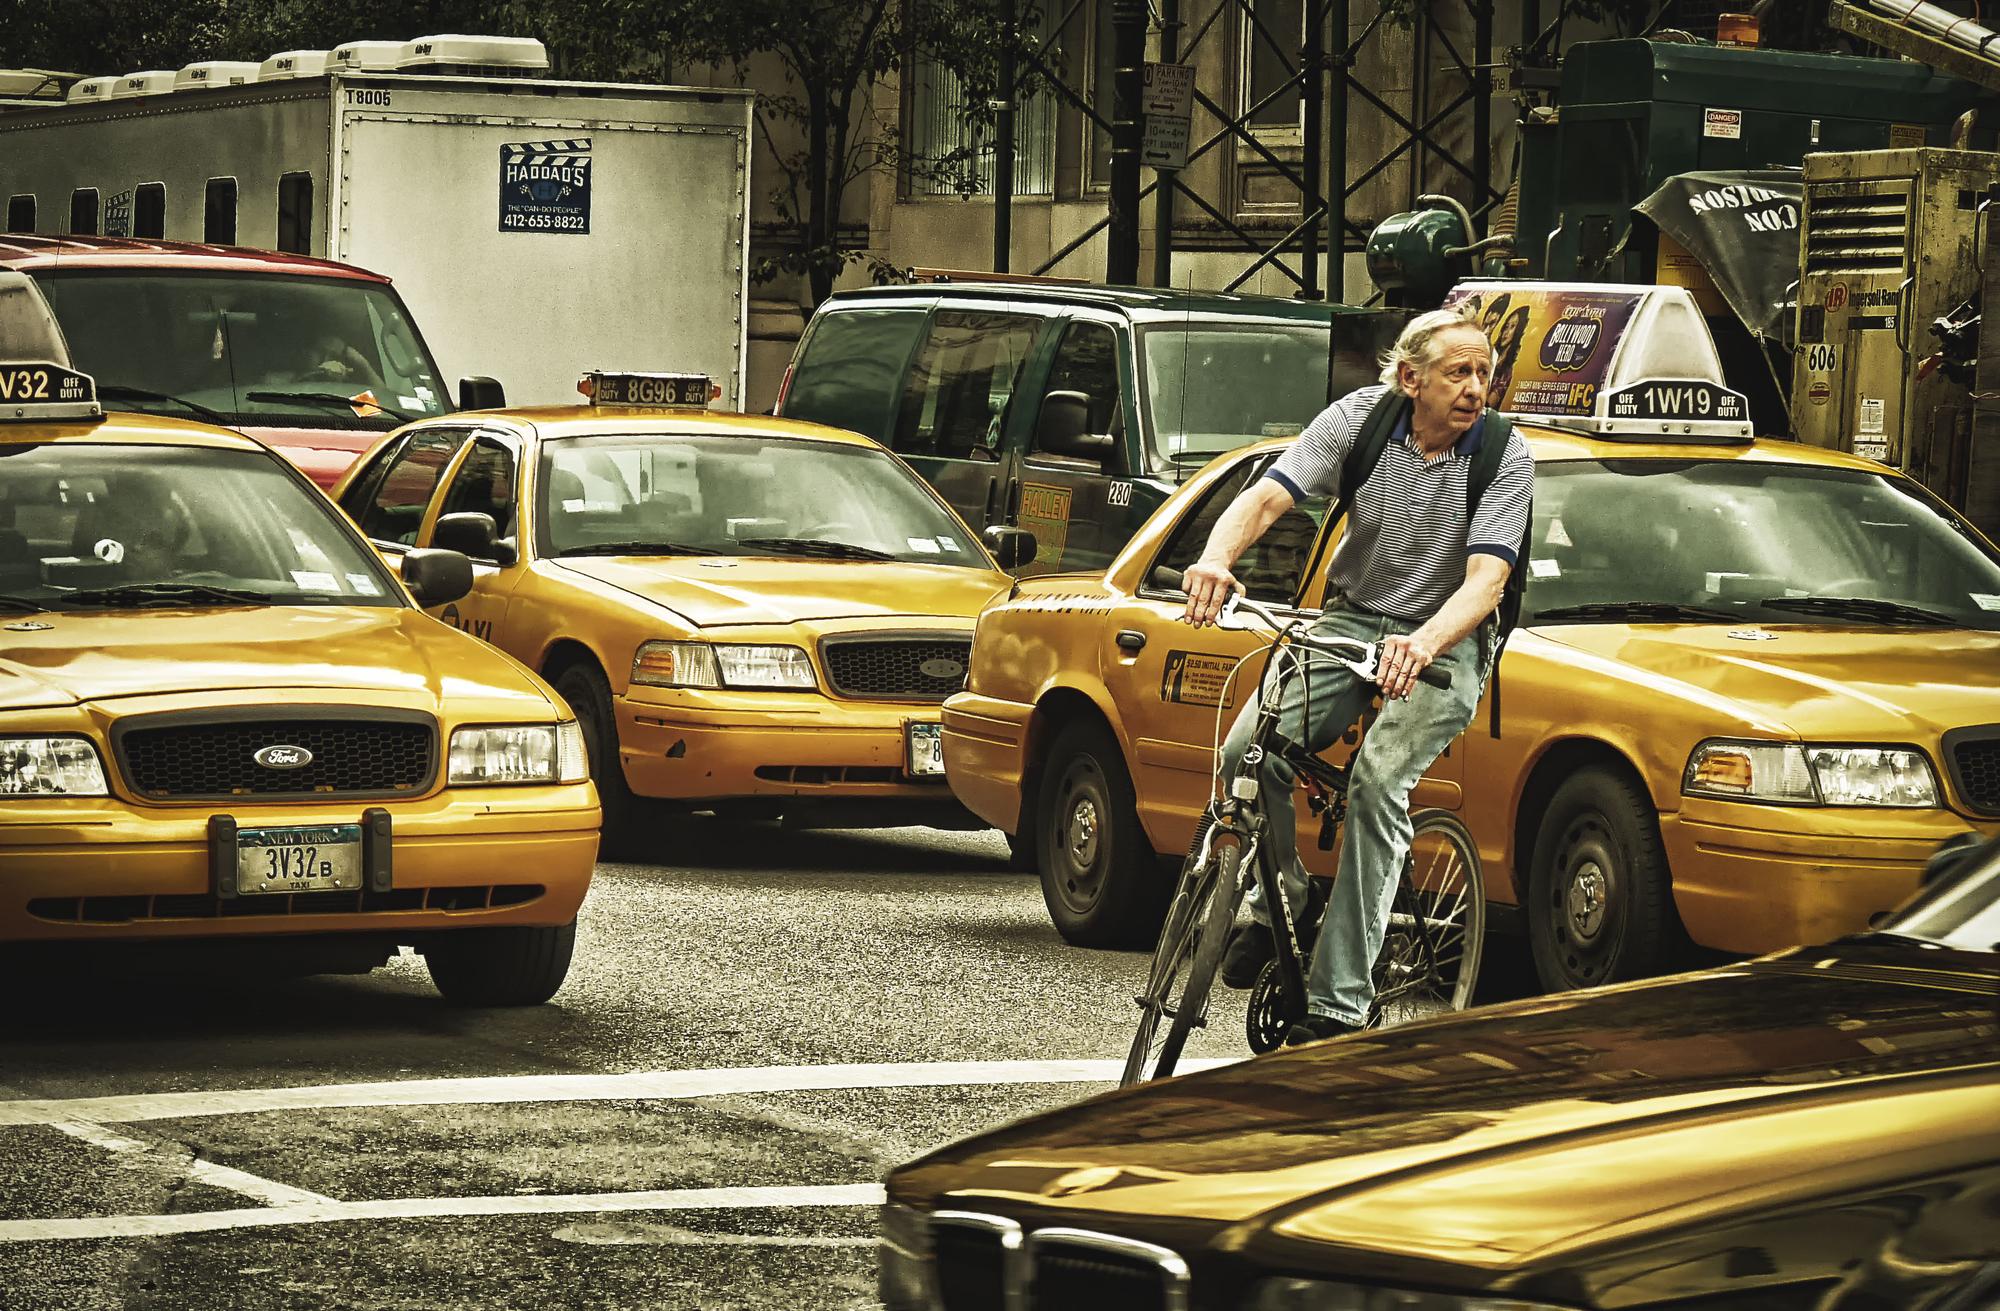 ordinary morning in NYC di Rino Lio